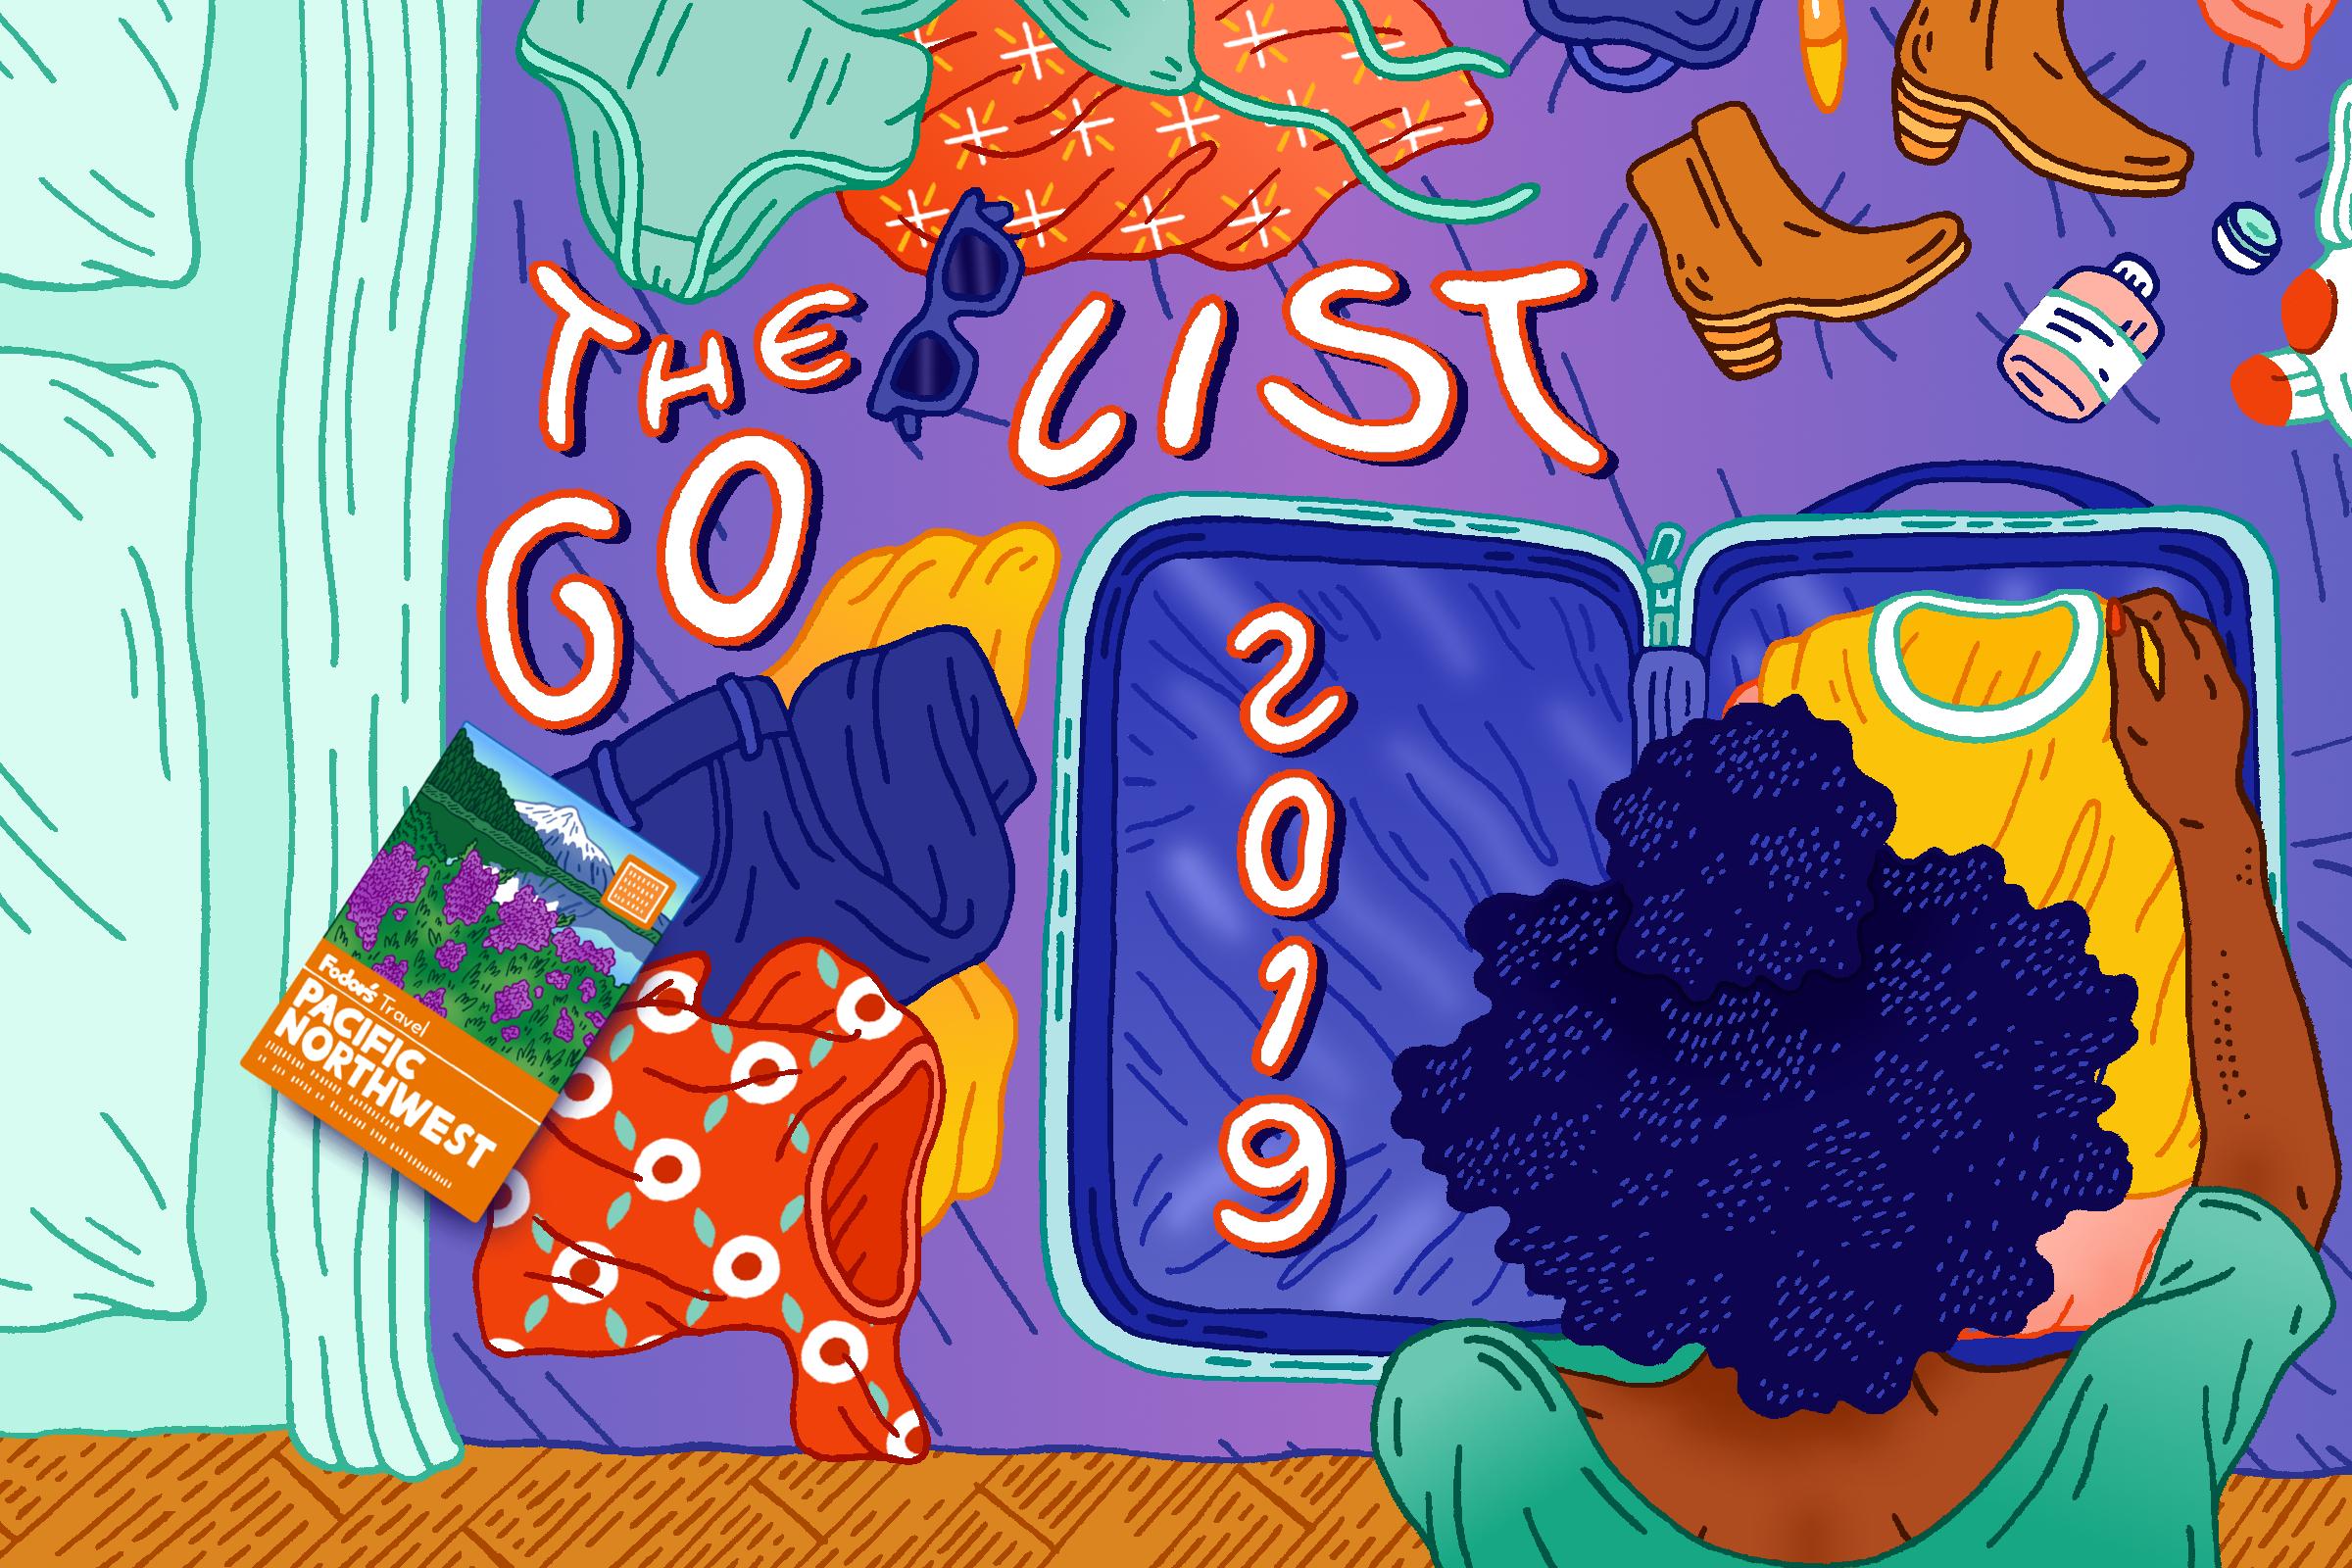 Go List 2019